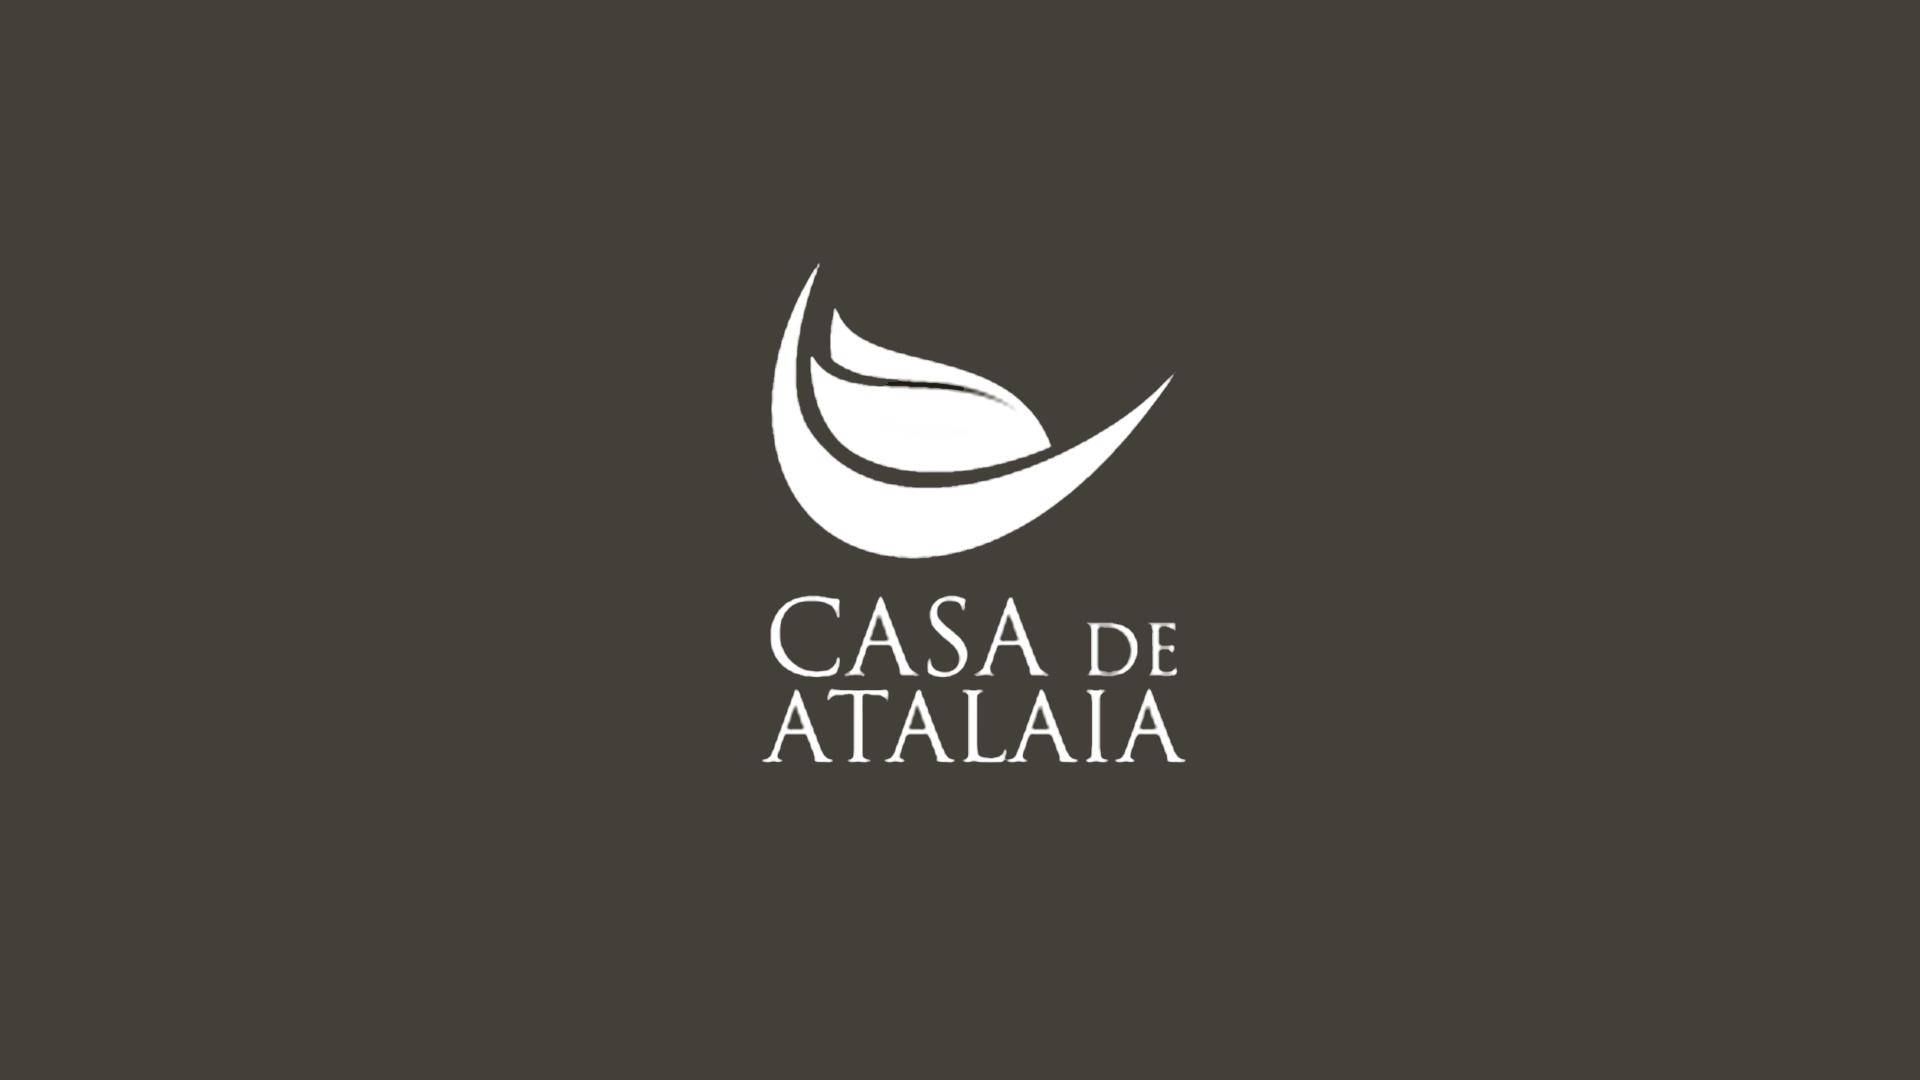 Casa de Atalaia